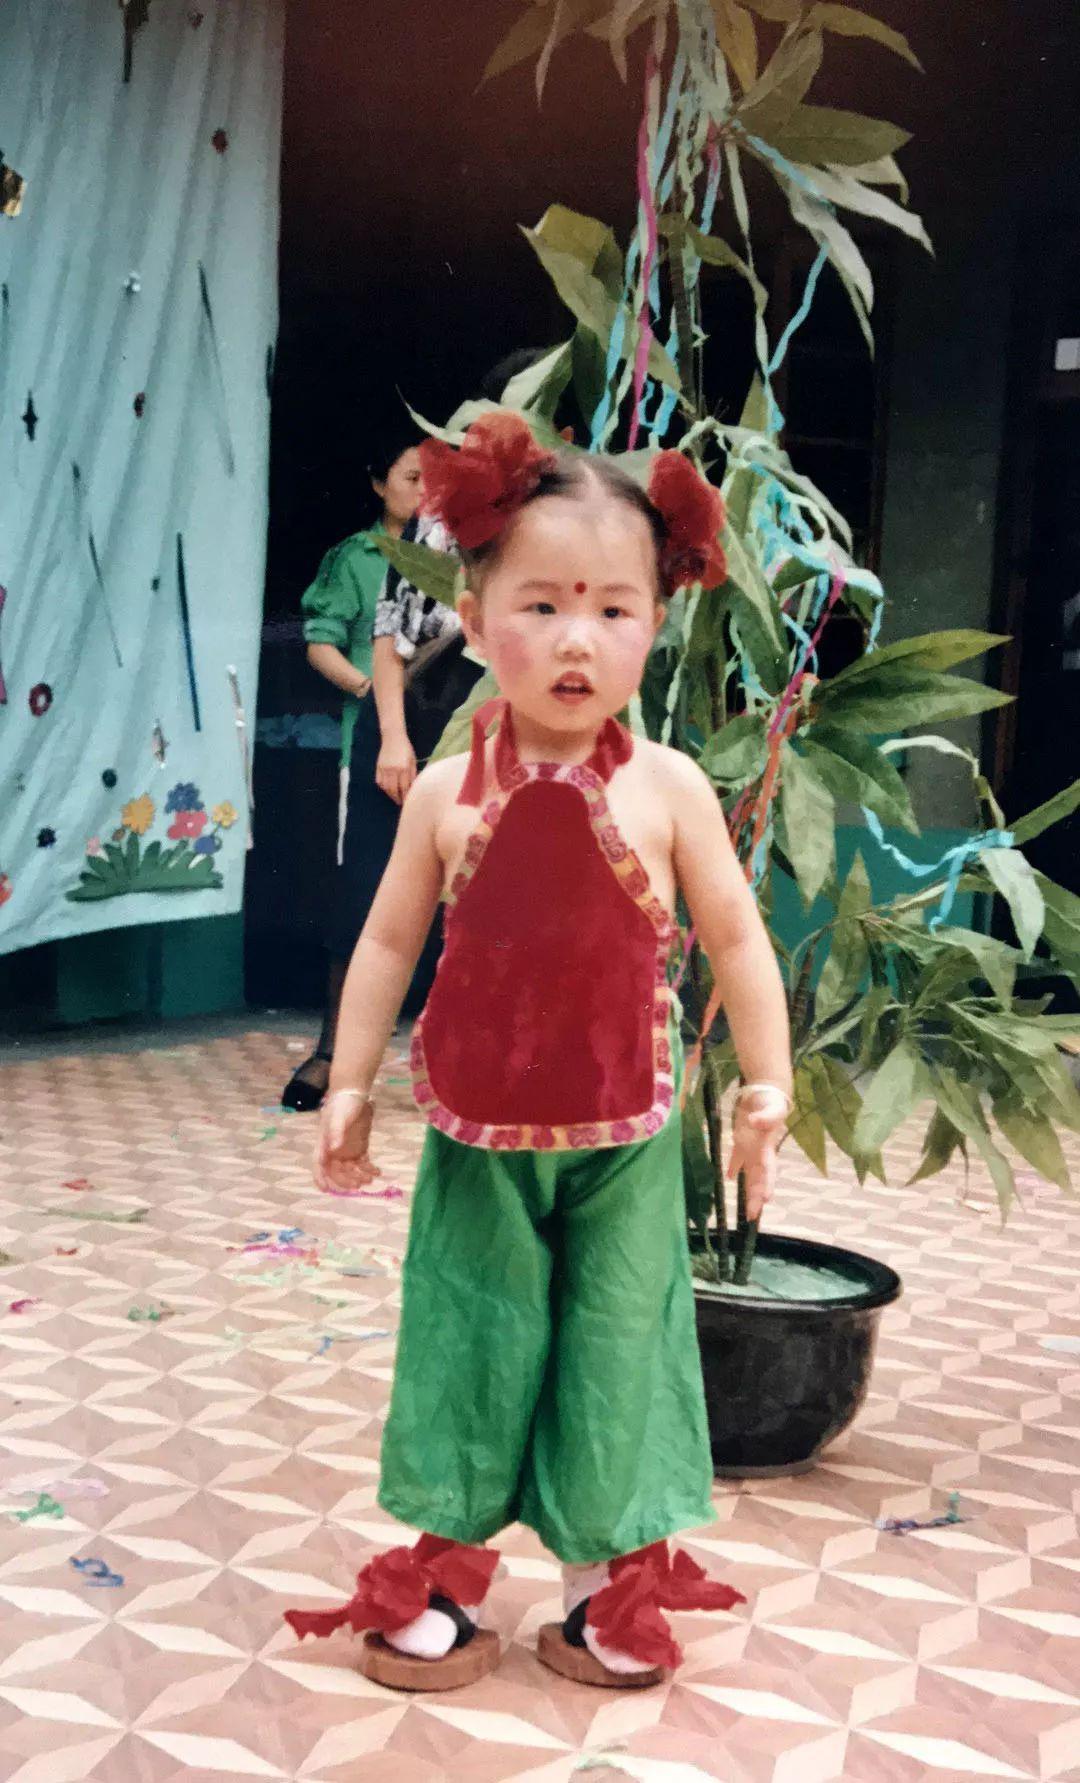 耶!勒个娃儿小时候是嫩个过儿童节的嗦